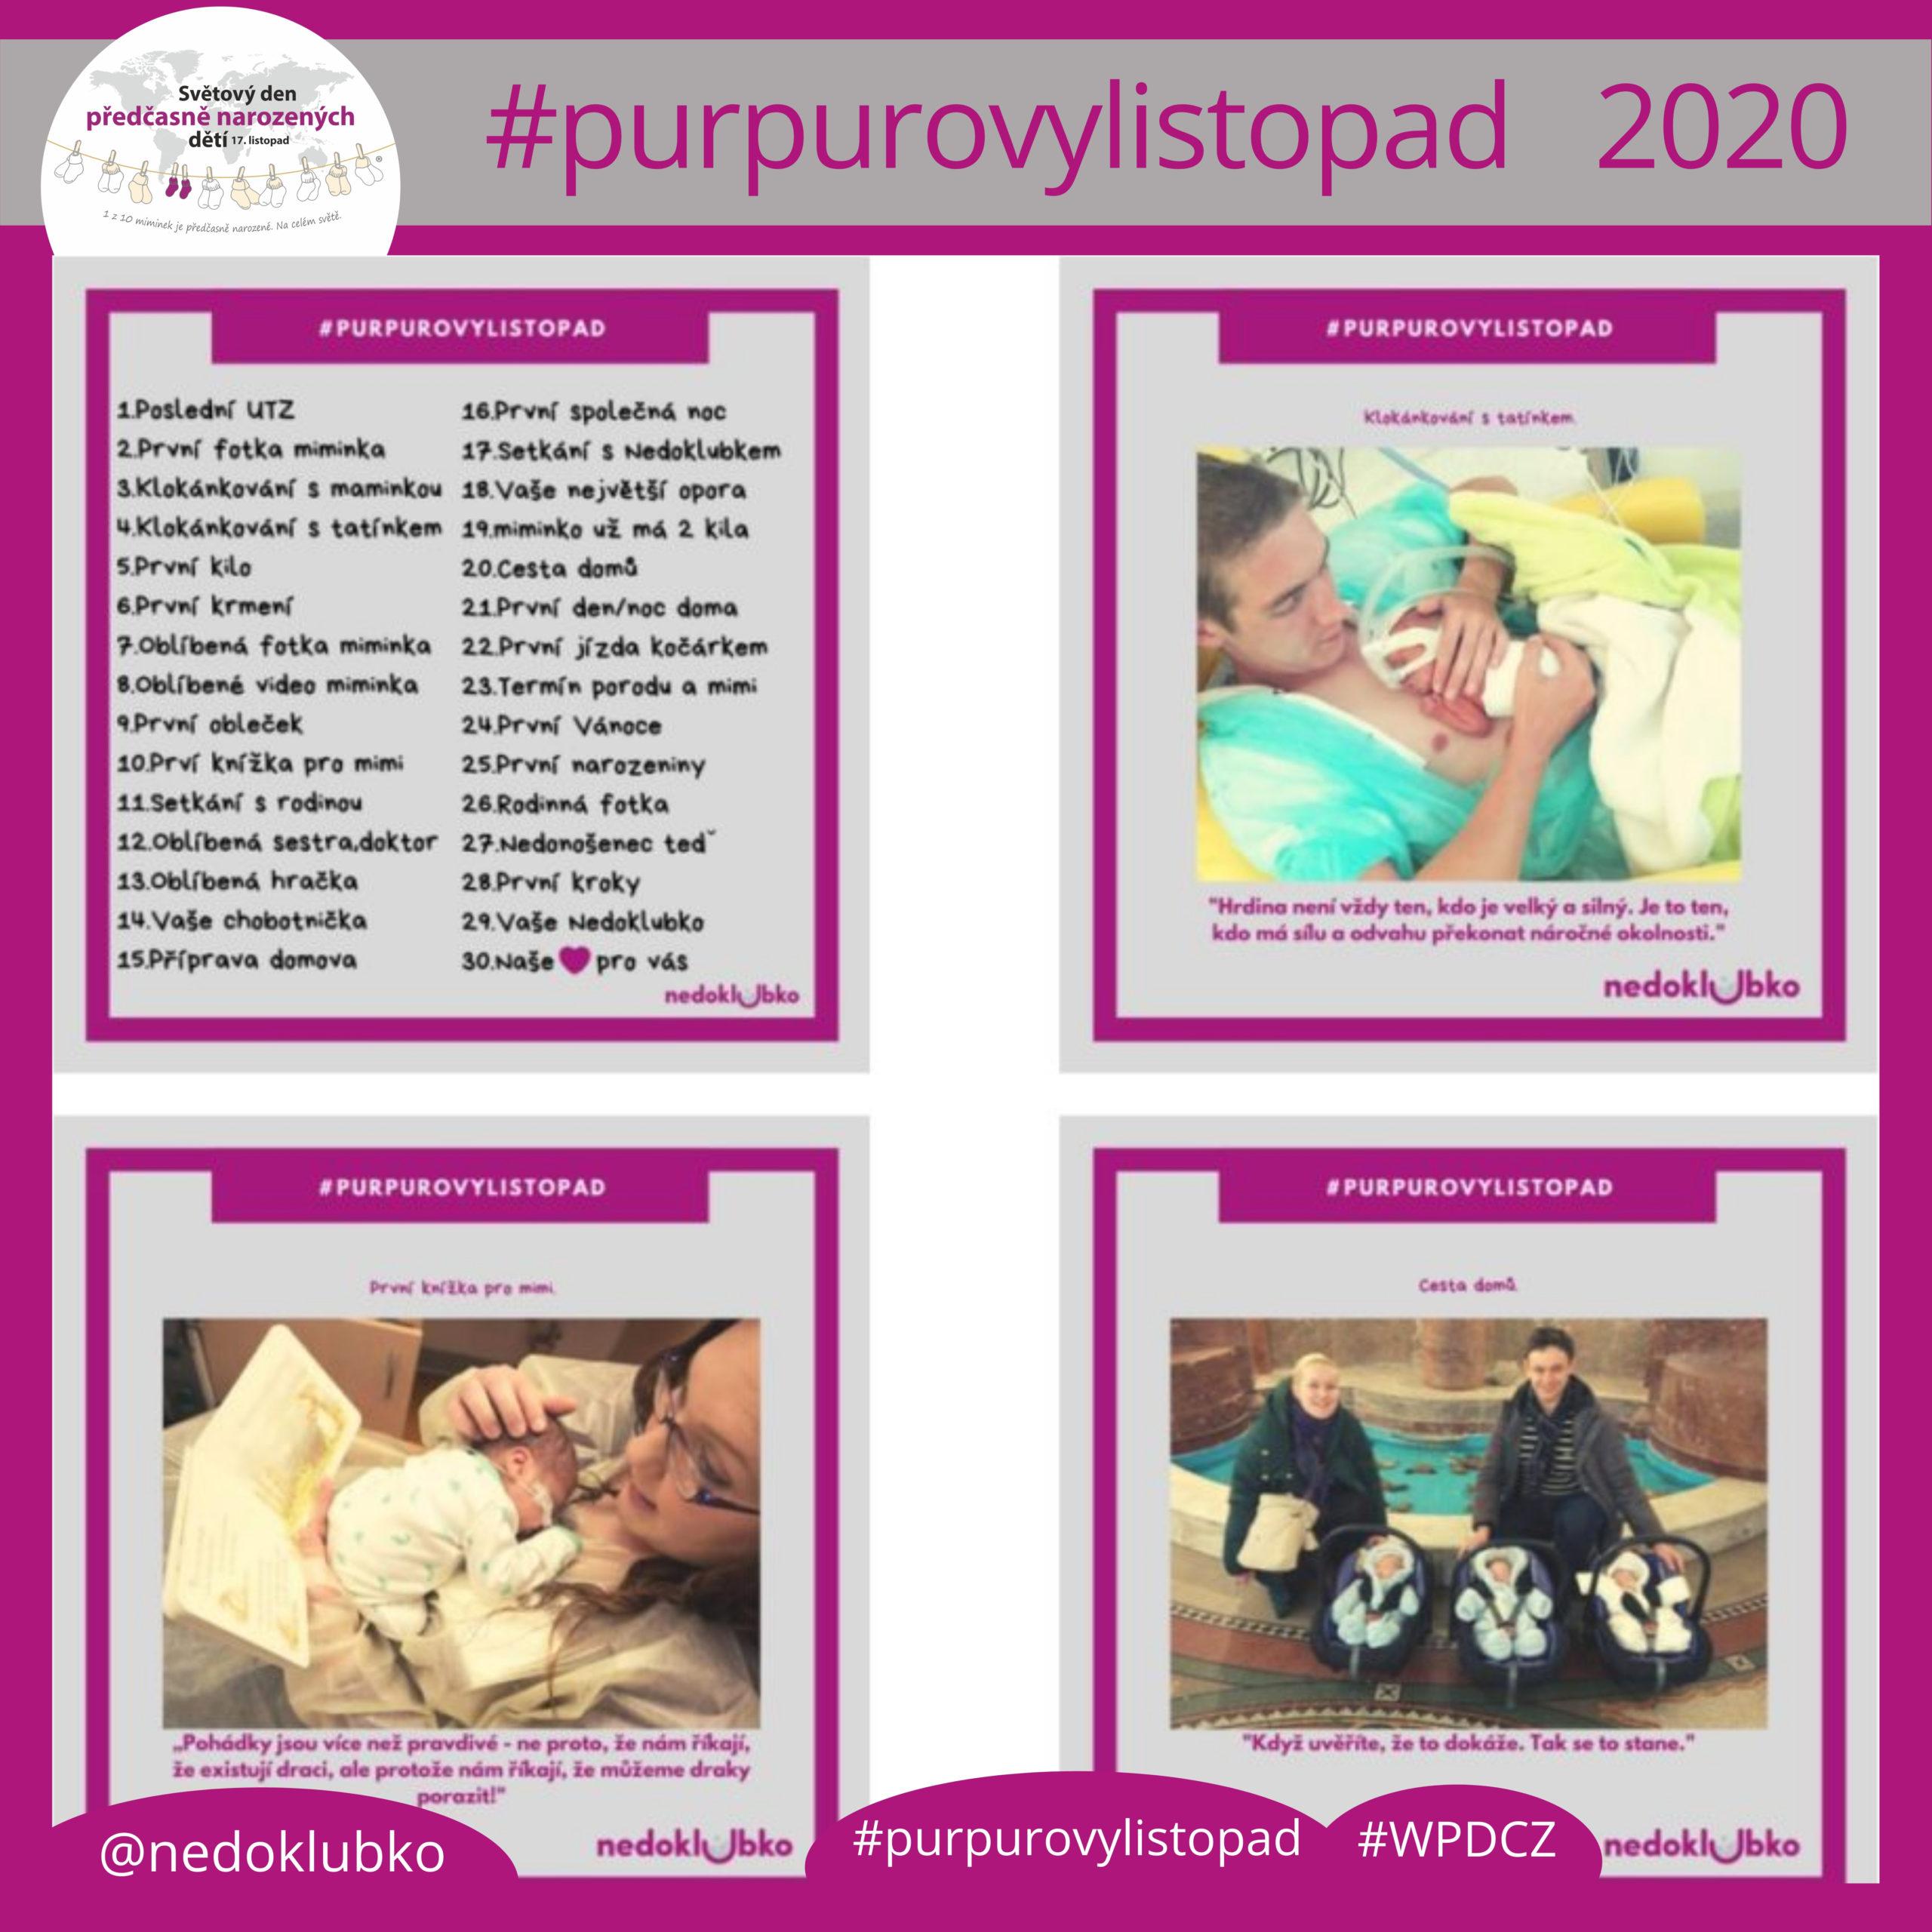 #purpurovylistopad